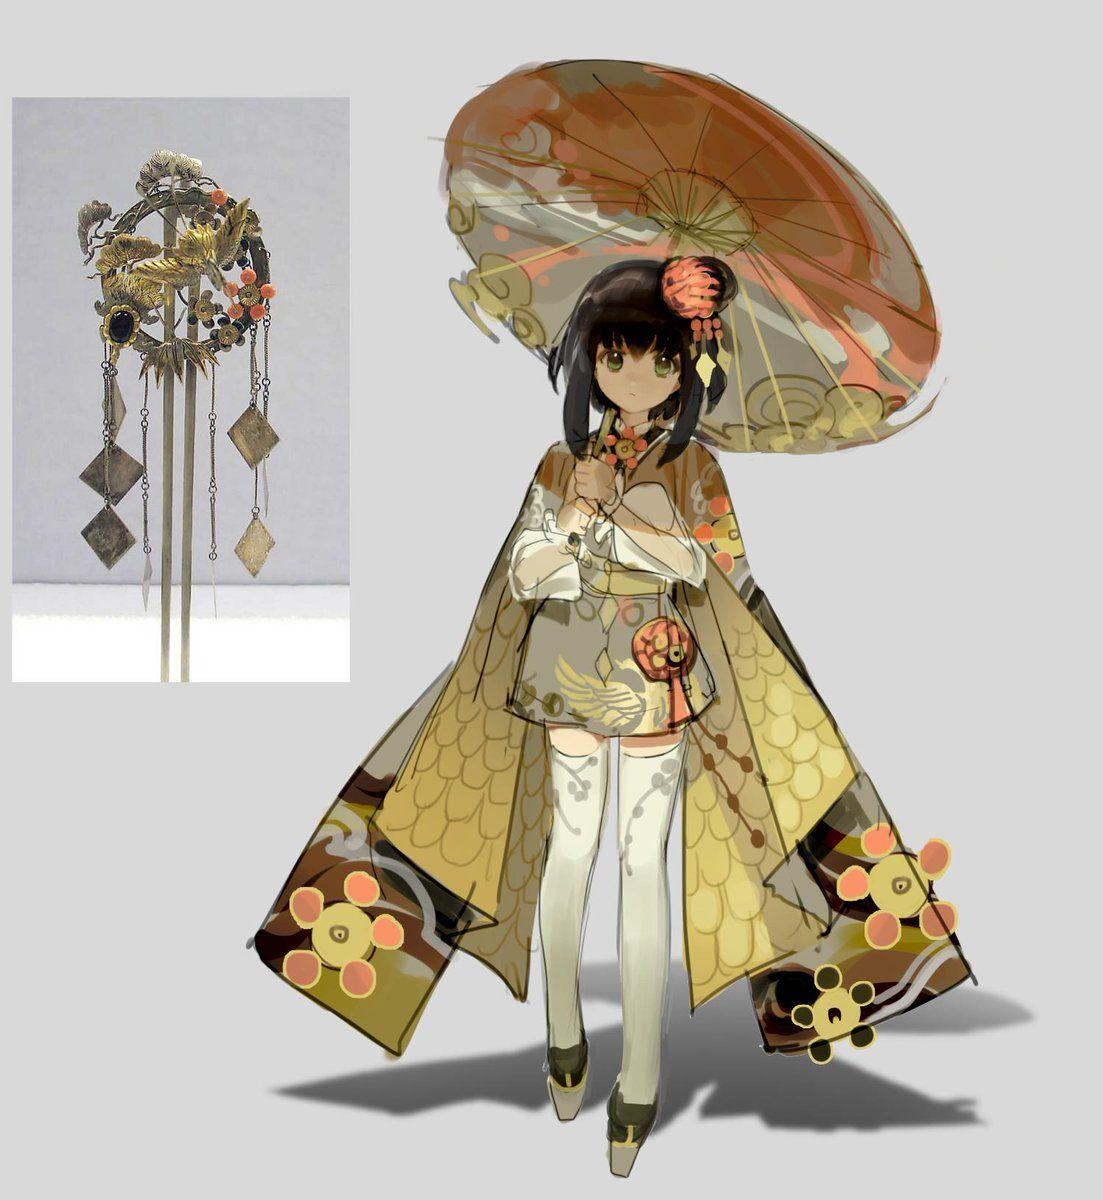 수줍 on in 2020 Character illustration, Character art